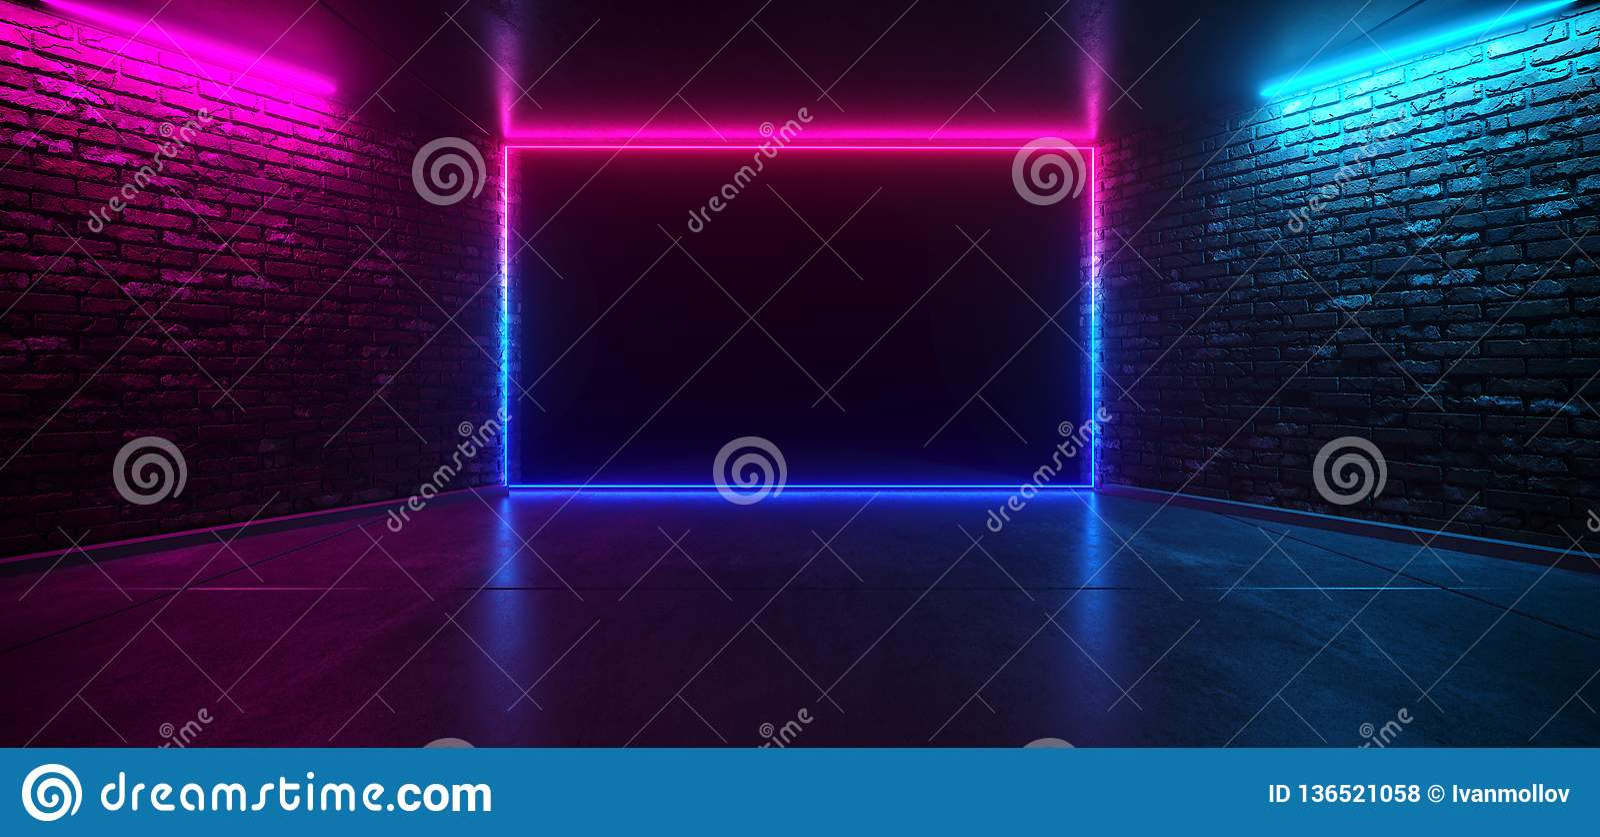 De futuristische Zaal van het het Neon Gloeiende Purpere Blauwe Roze Retro Elegante Lege Stadium van de Dansclub met de Weerspieg